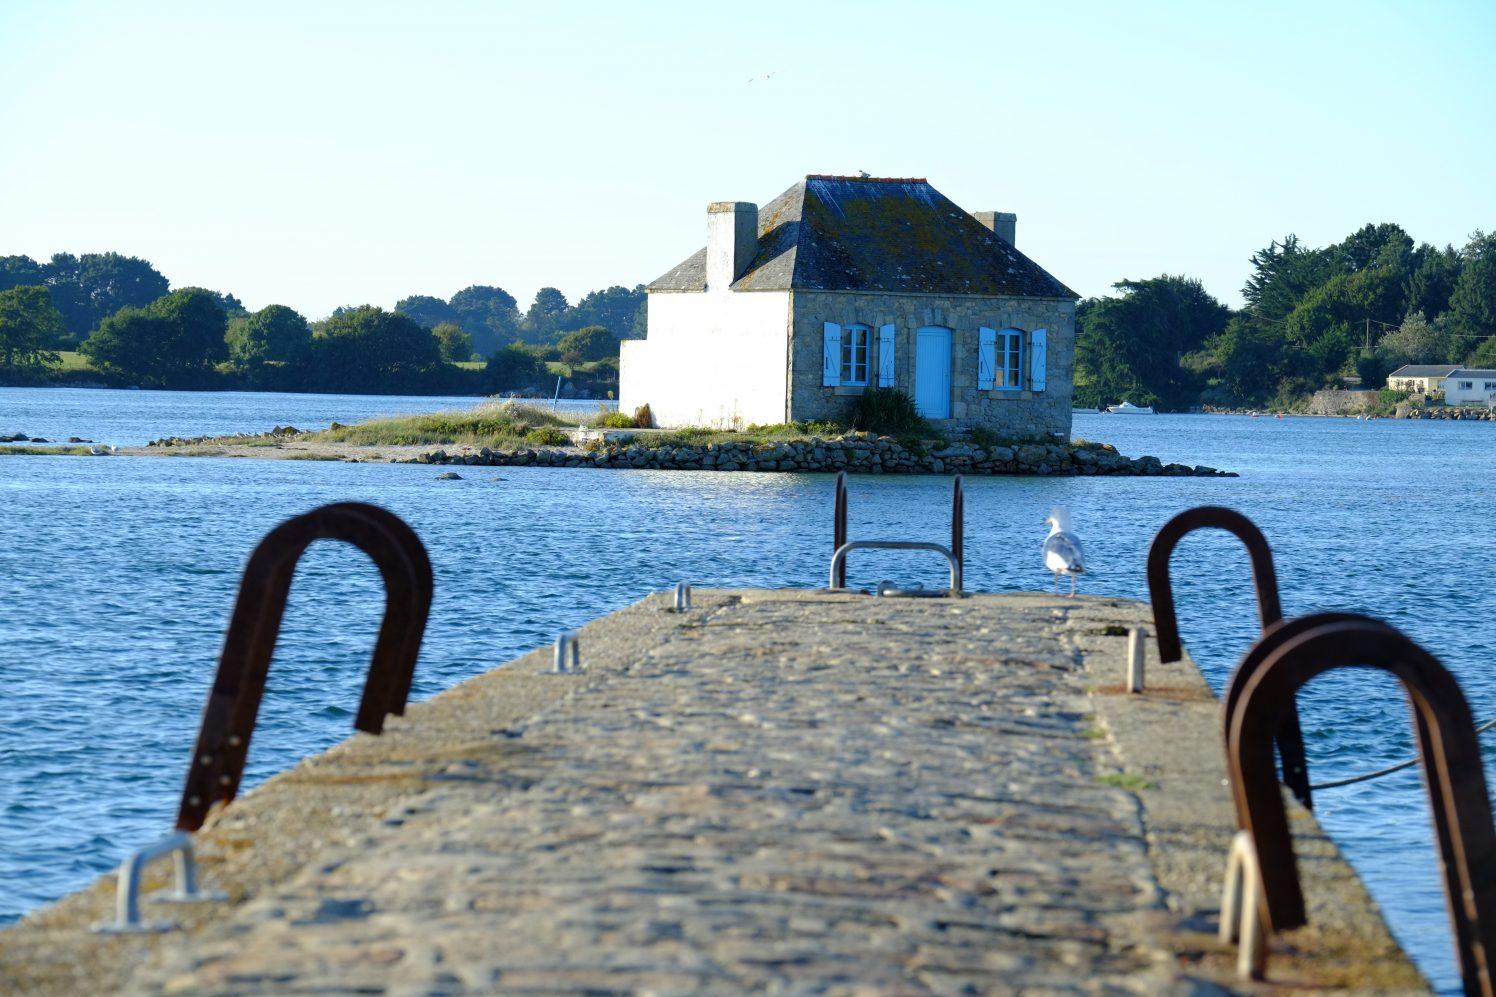 La petite maison de Saint-Cado dans la rivière d'Etel